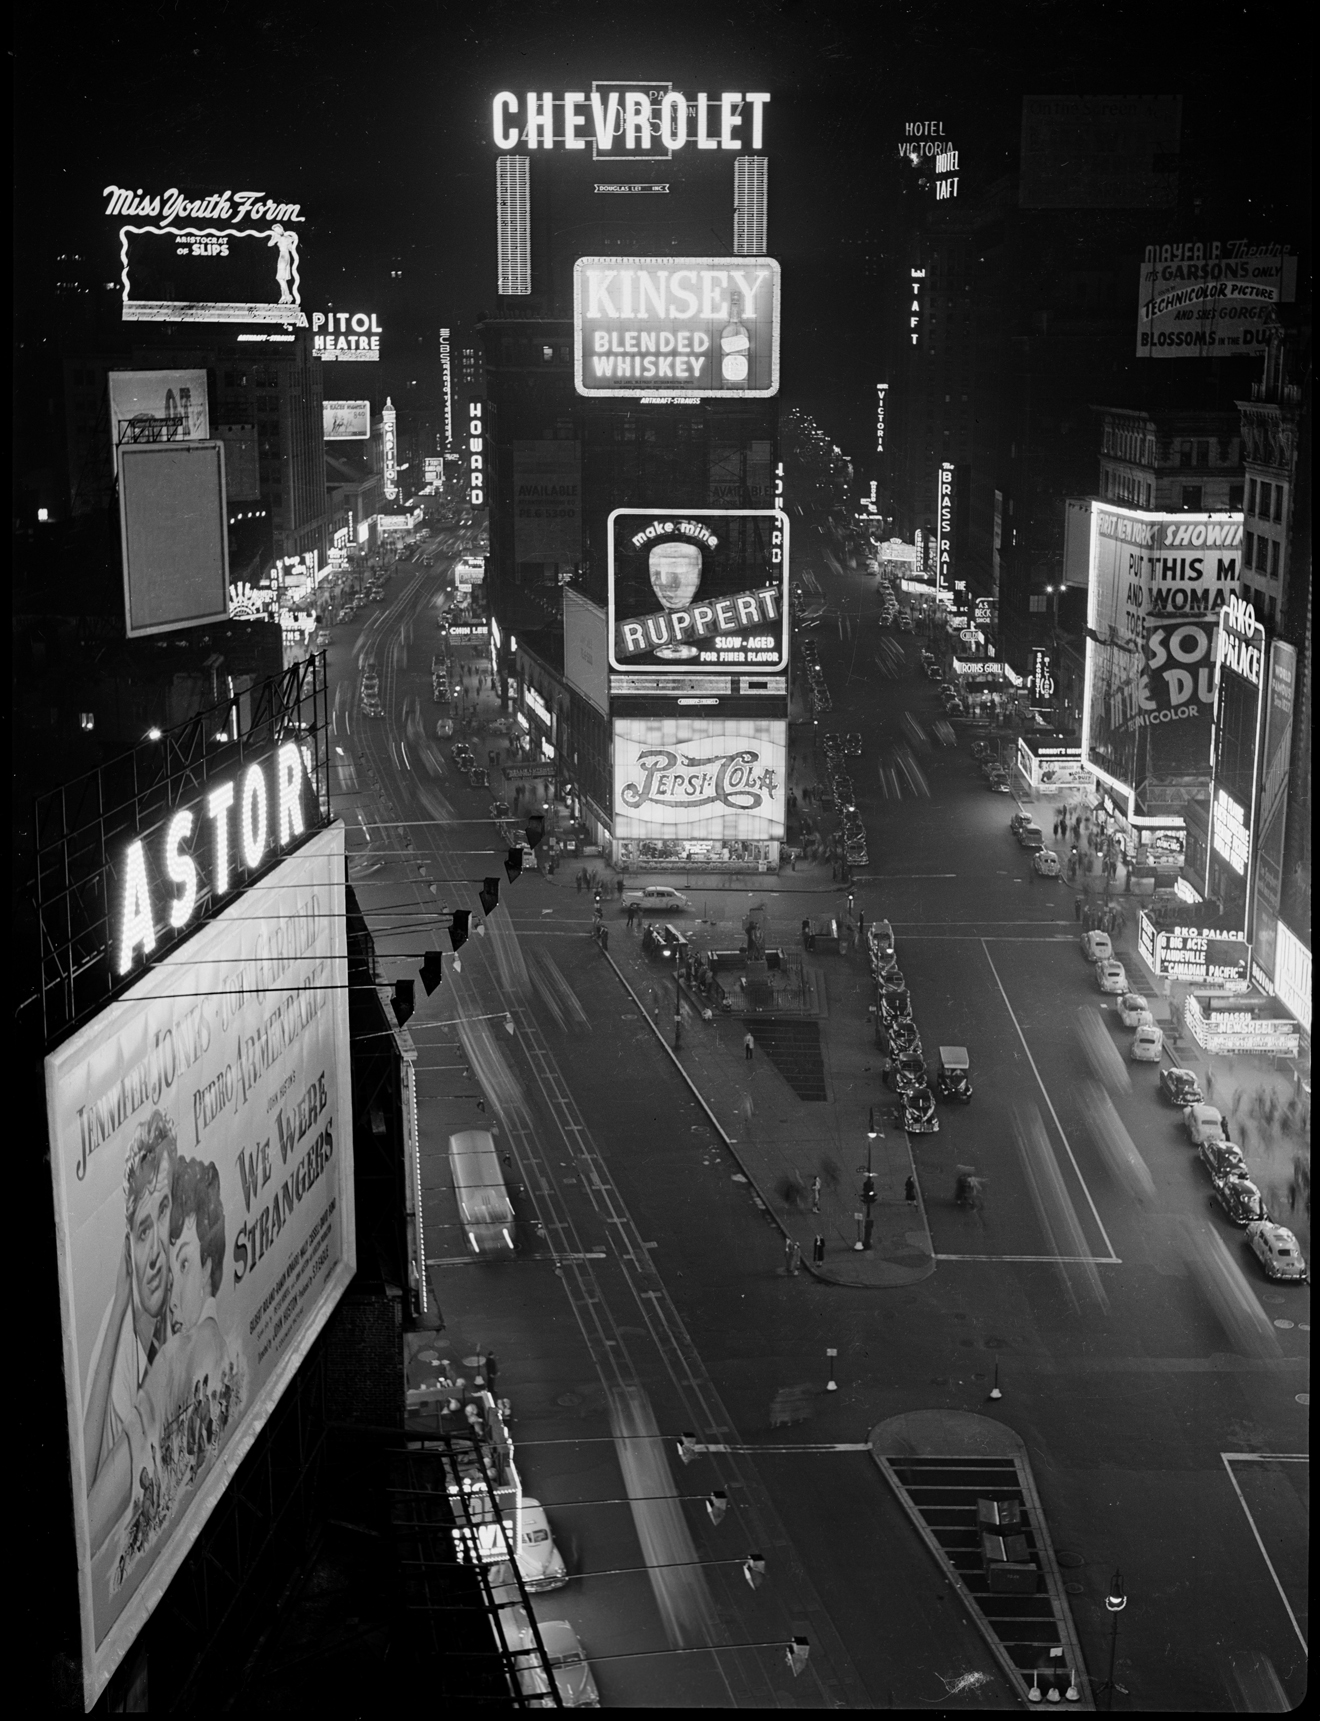 アーサー・ロスシュタイン、ジョン・ヴァション、フィリップ・ハリントン、ルック・マガジン、1949。ニューヨーク市立博物館。 X2011.4.11125